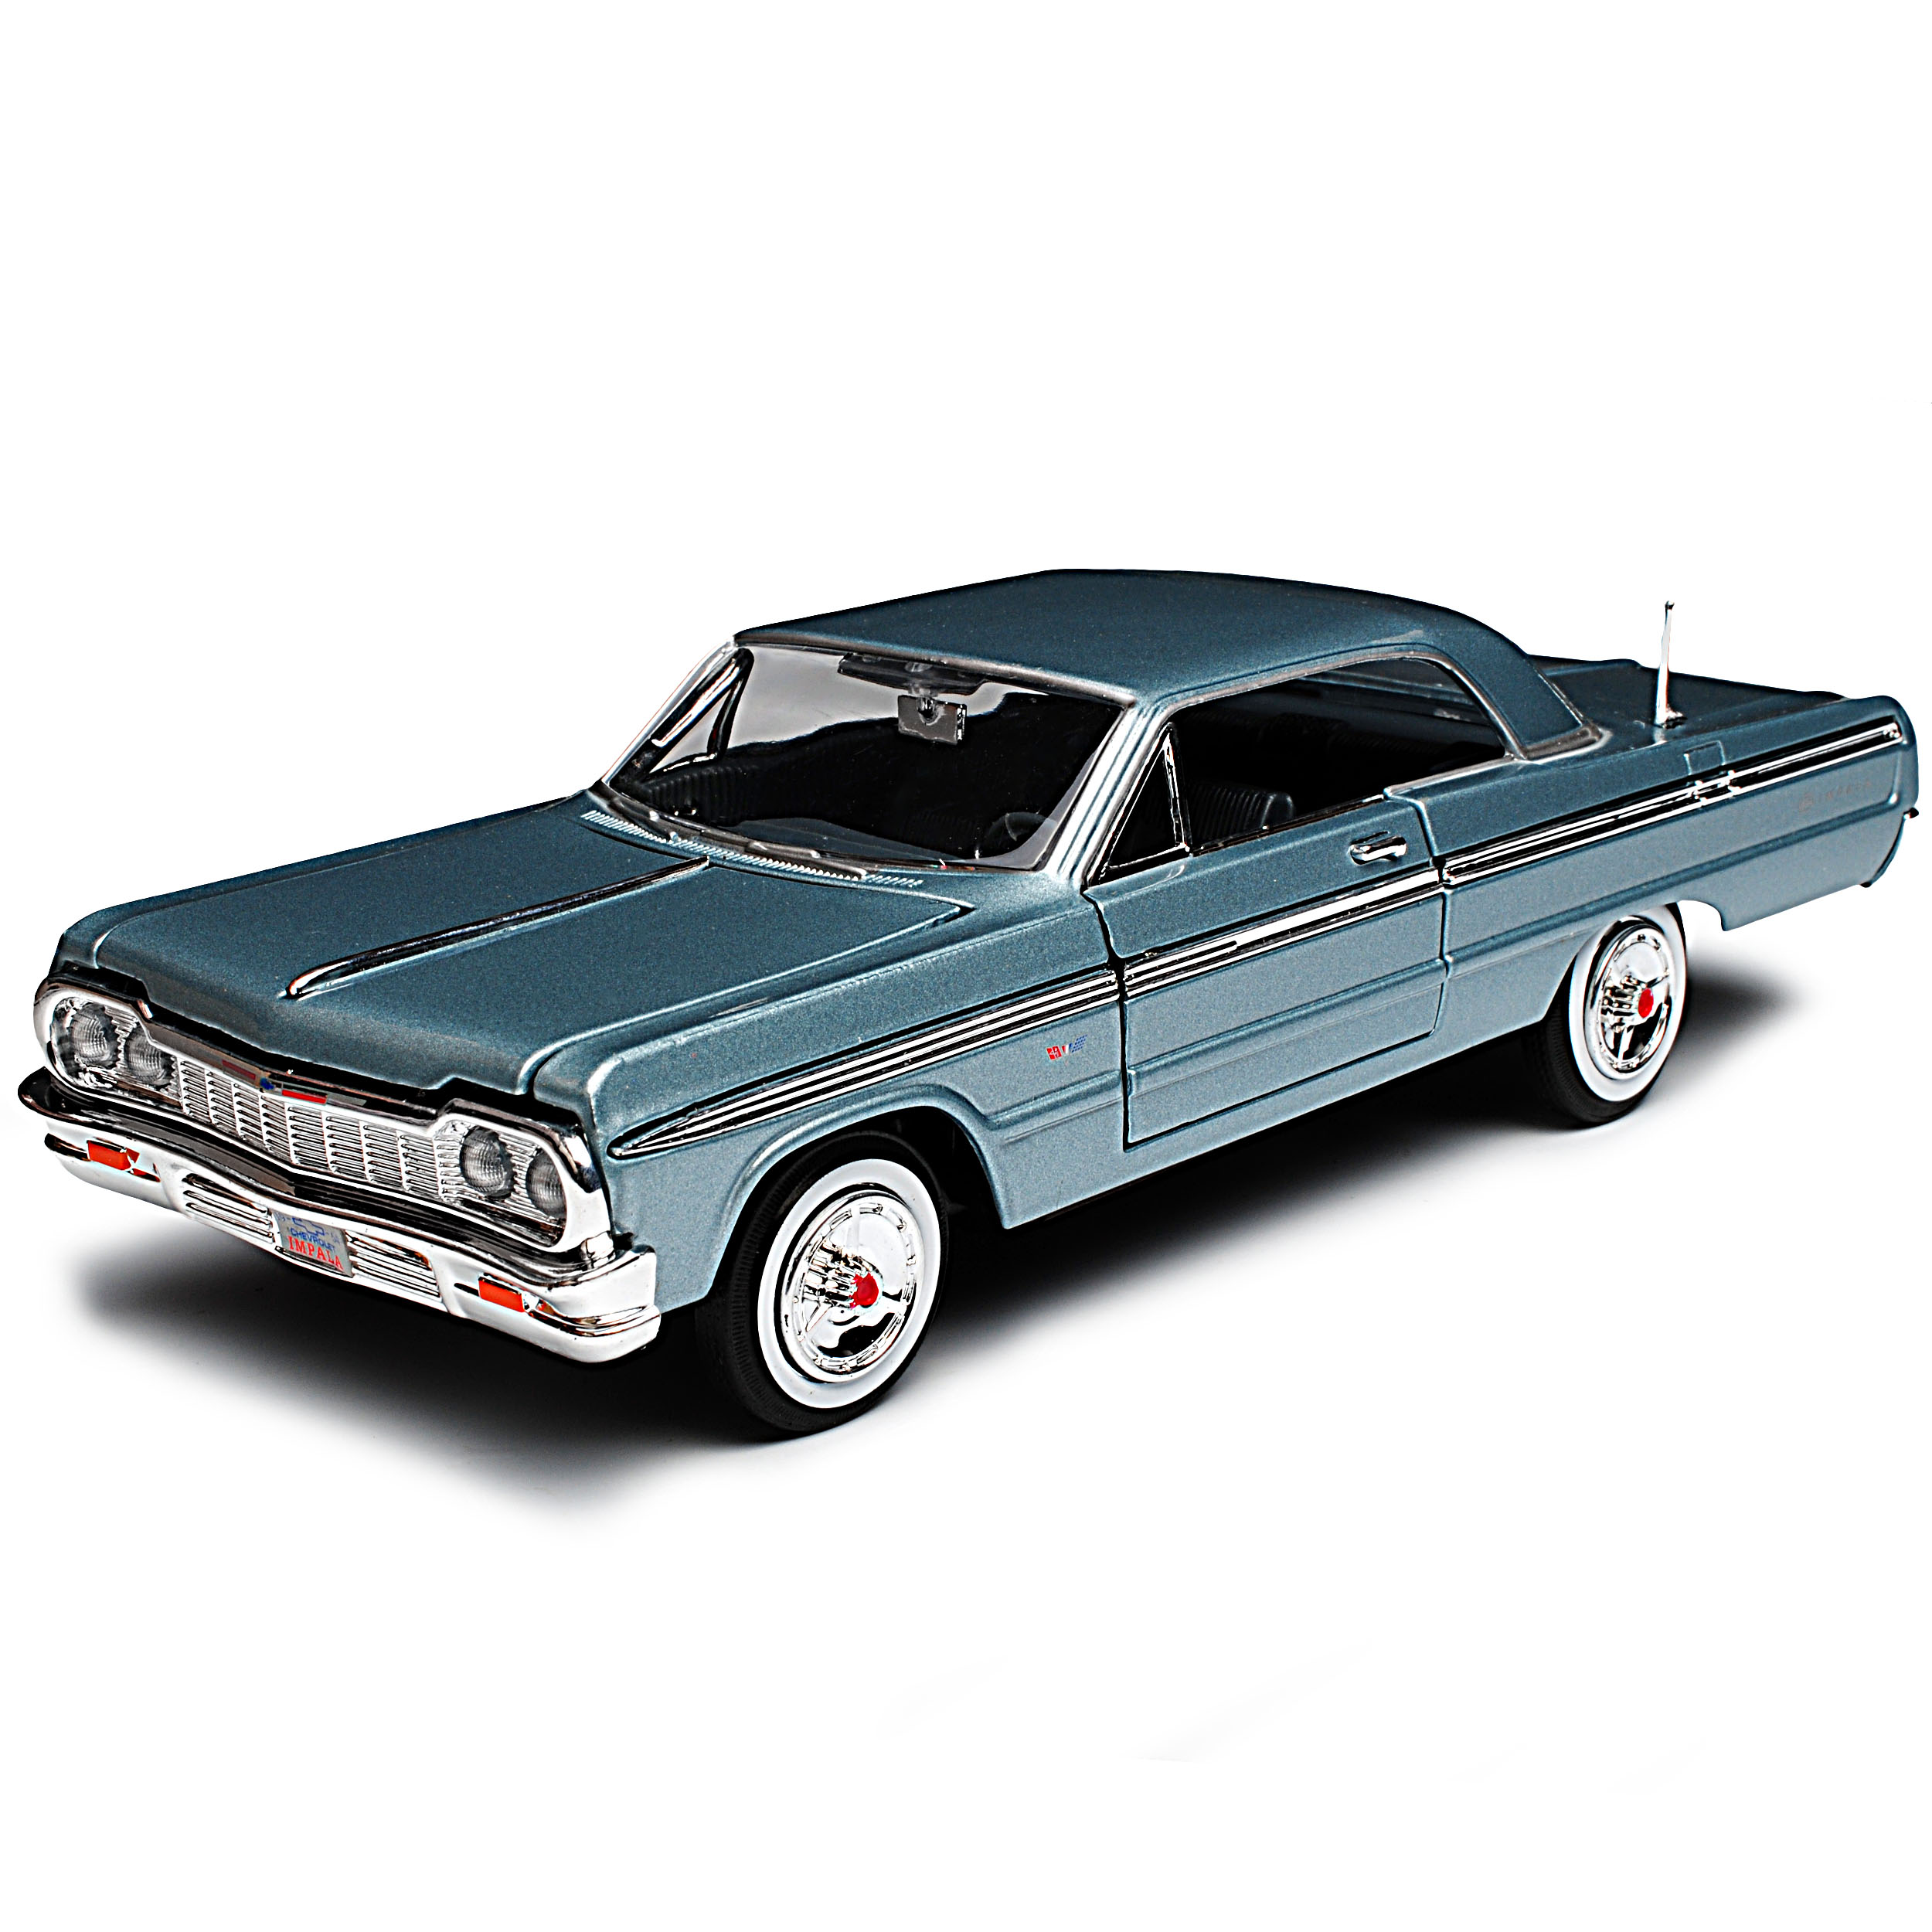 Chevrolet Impala SS Coupe plata azul 1964 1//24 Motormax modelo coche con o...